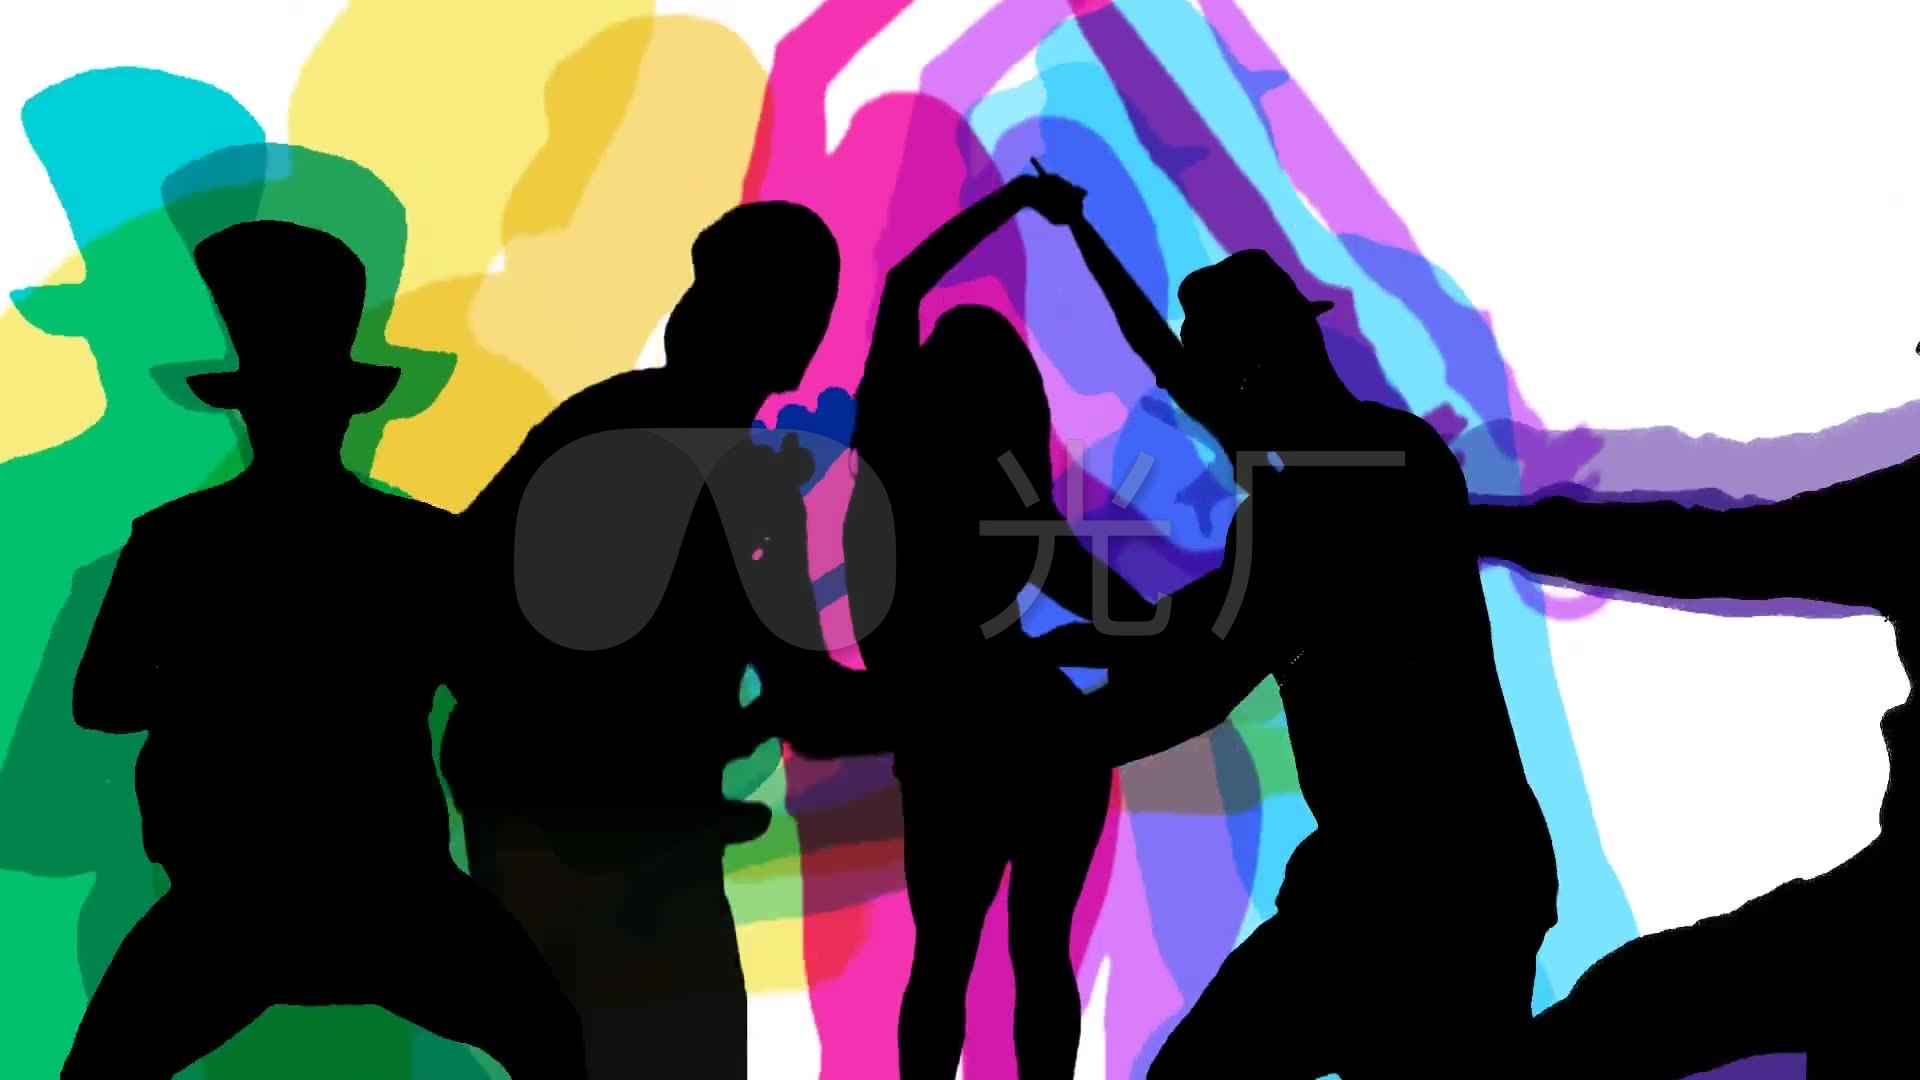 (高中)剪影极品-视频备课素材制度-vjsh样片教师舞蹈串烧学校图片